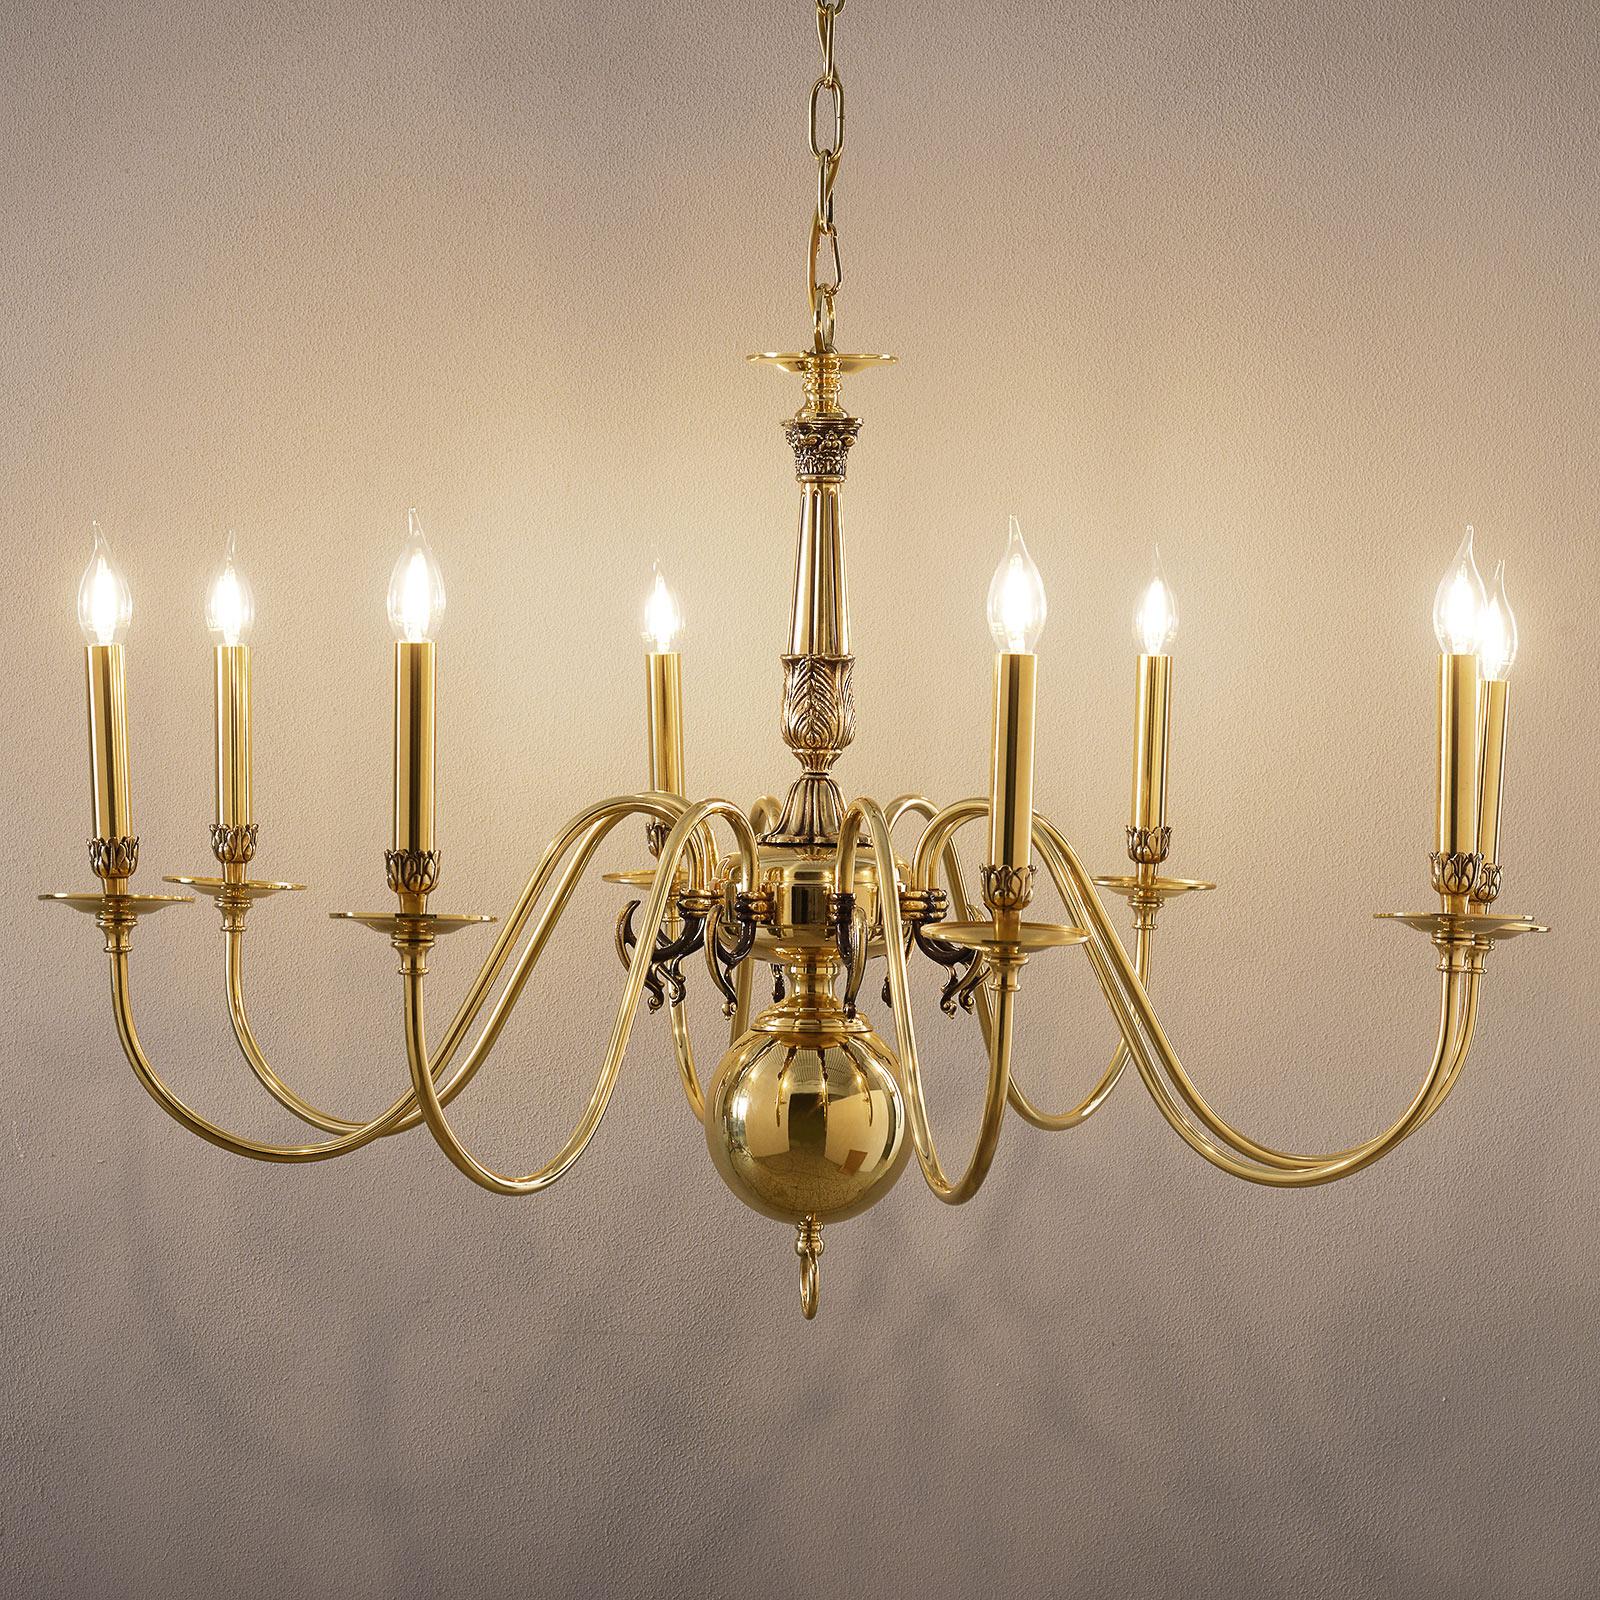 8-lamppuinen HOLANDESAS-kattokruunu